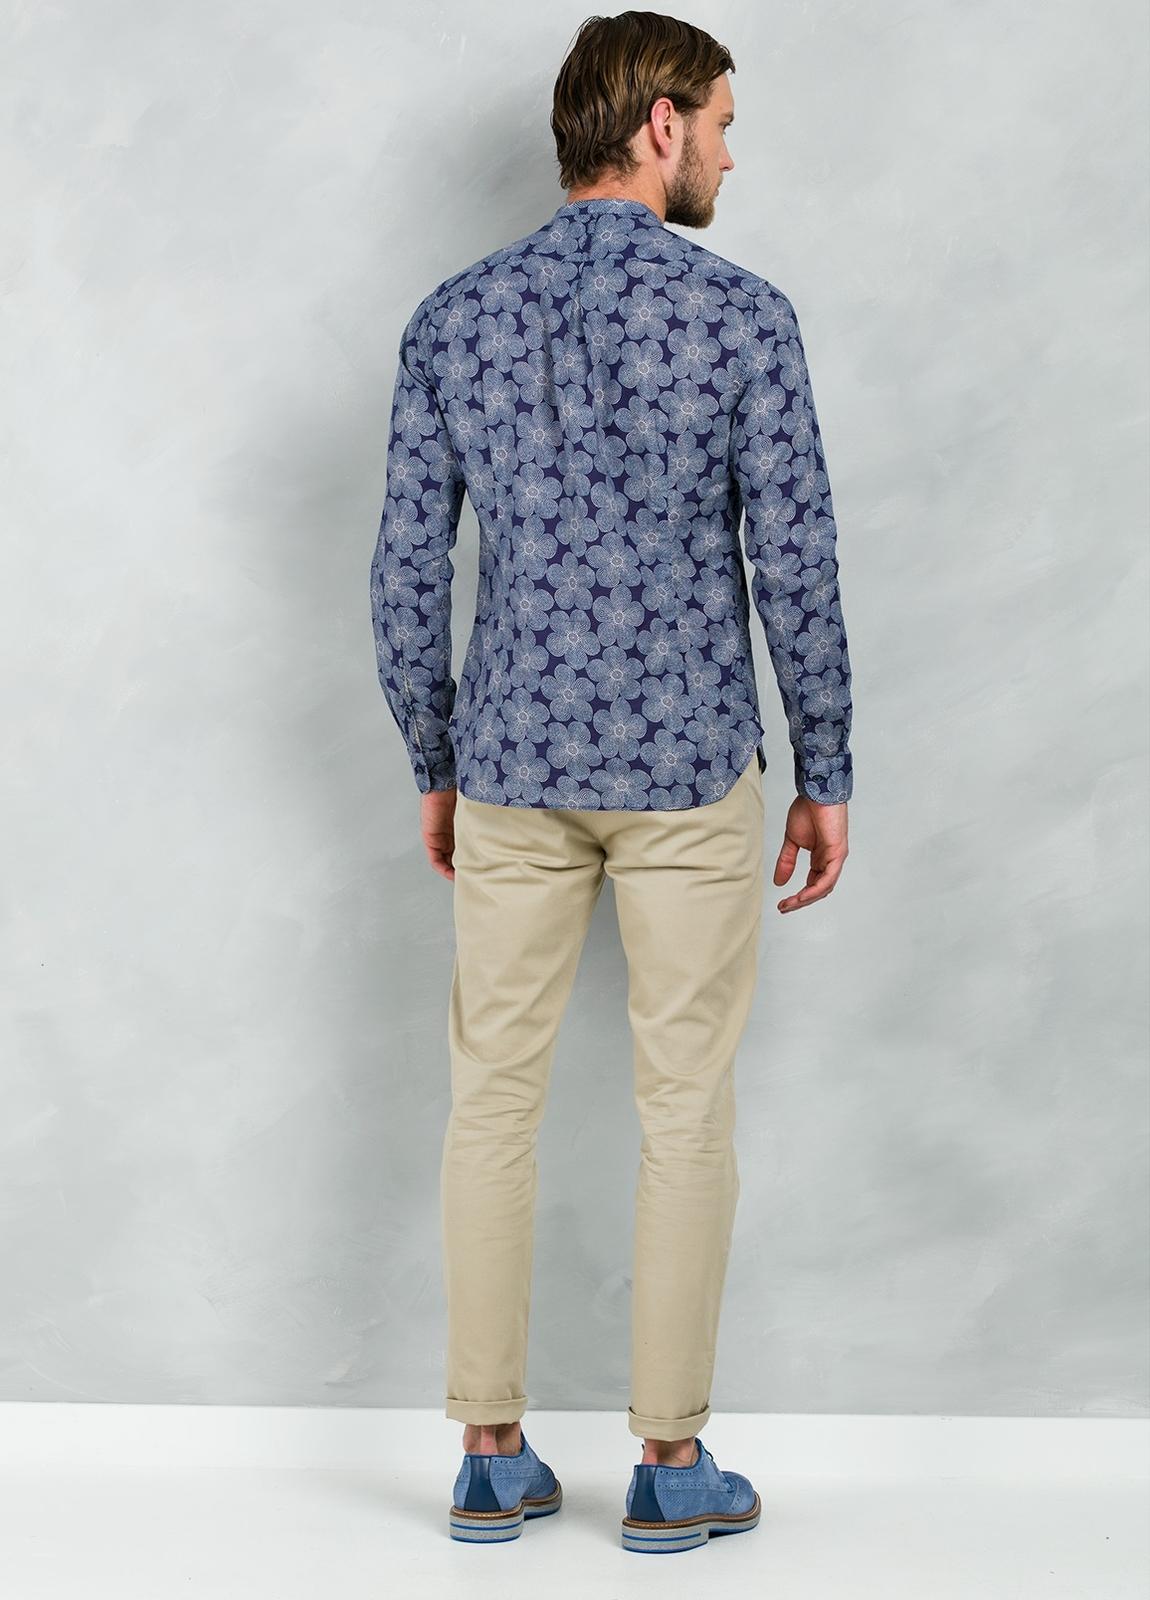 Camisa sport SLIM FIT modelo MAO JAPAN maxi estampado floral y cuello mao, 100% Algodón. - Ítem2